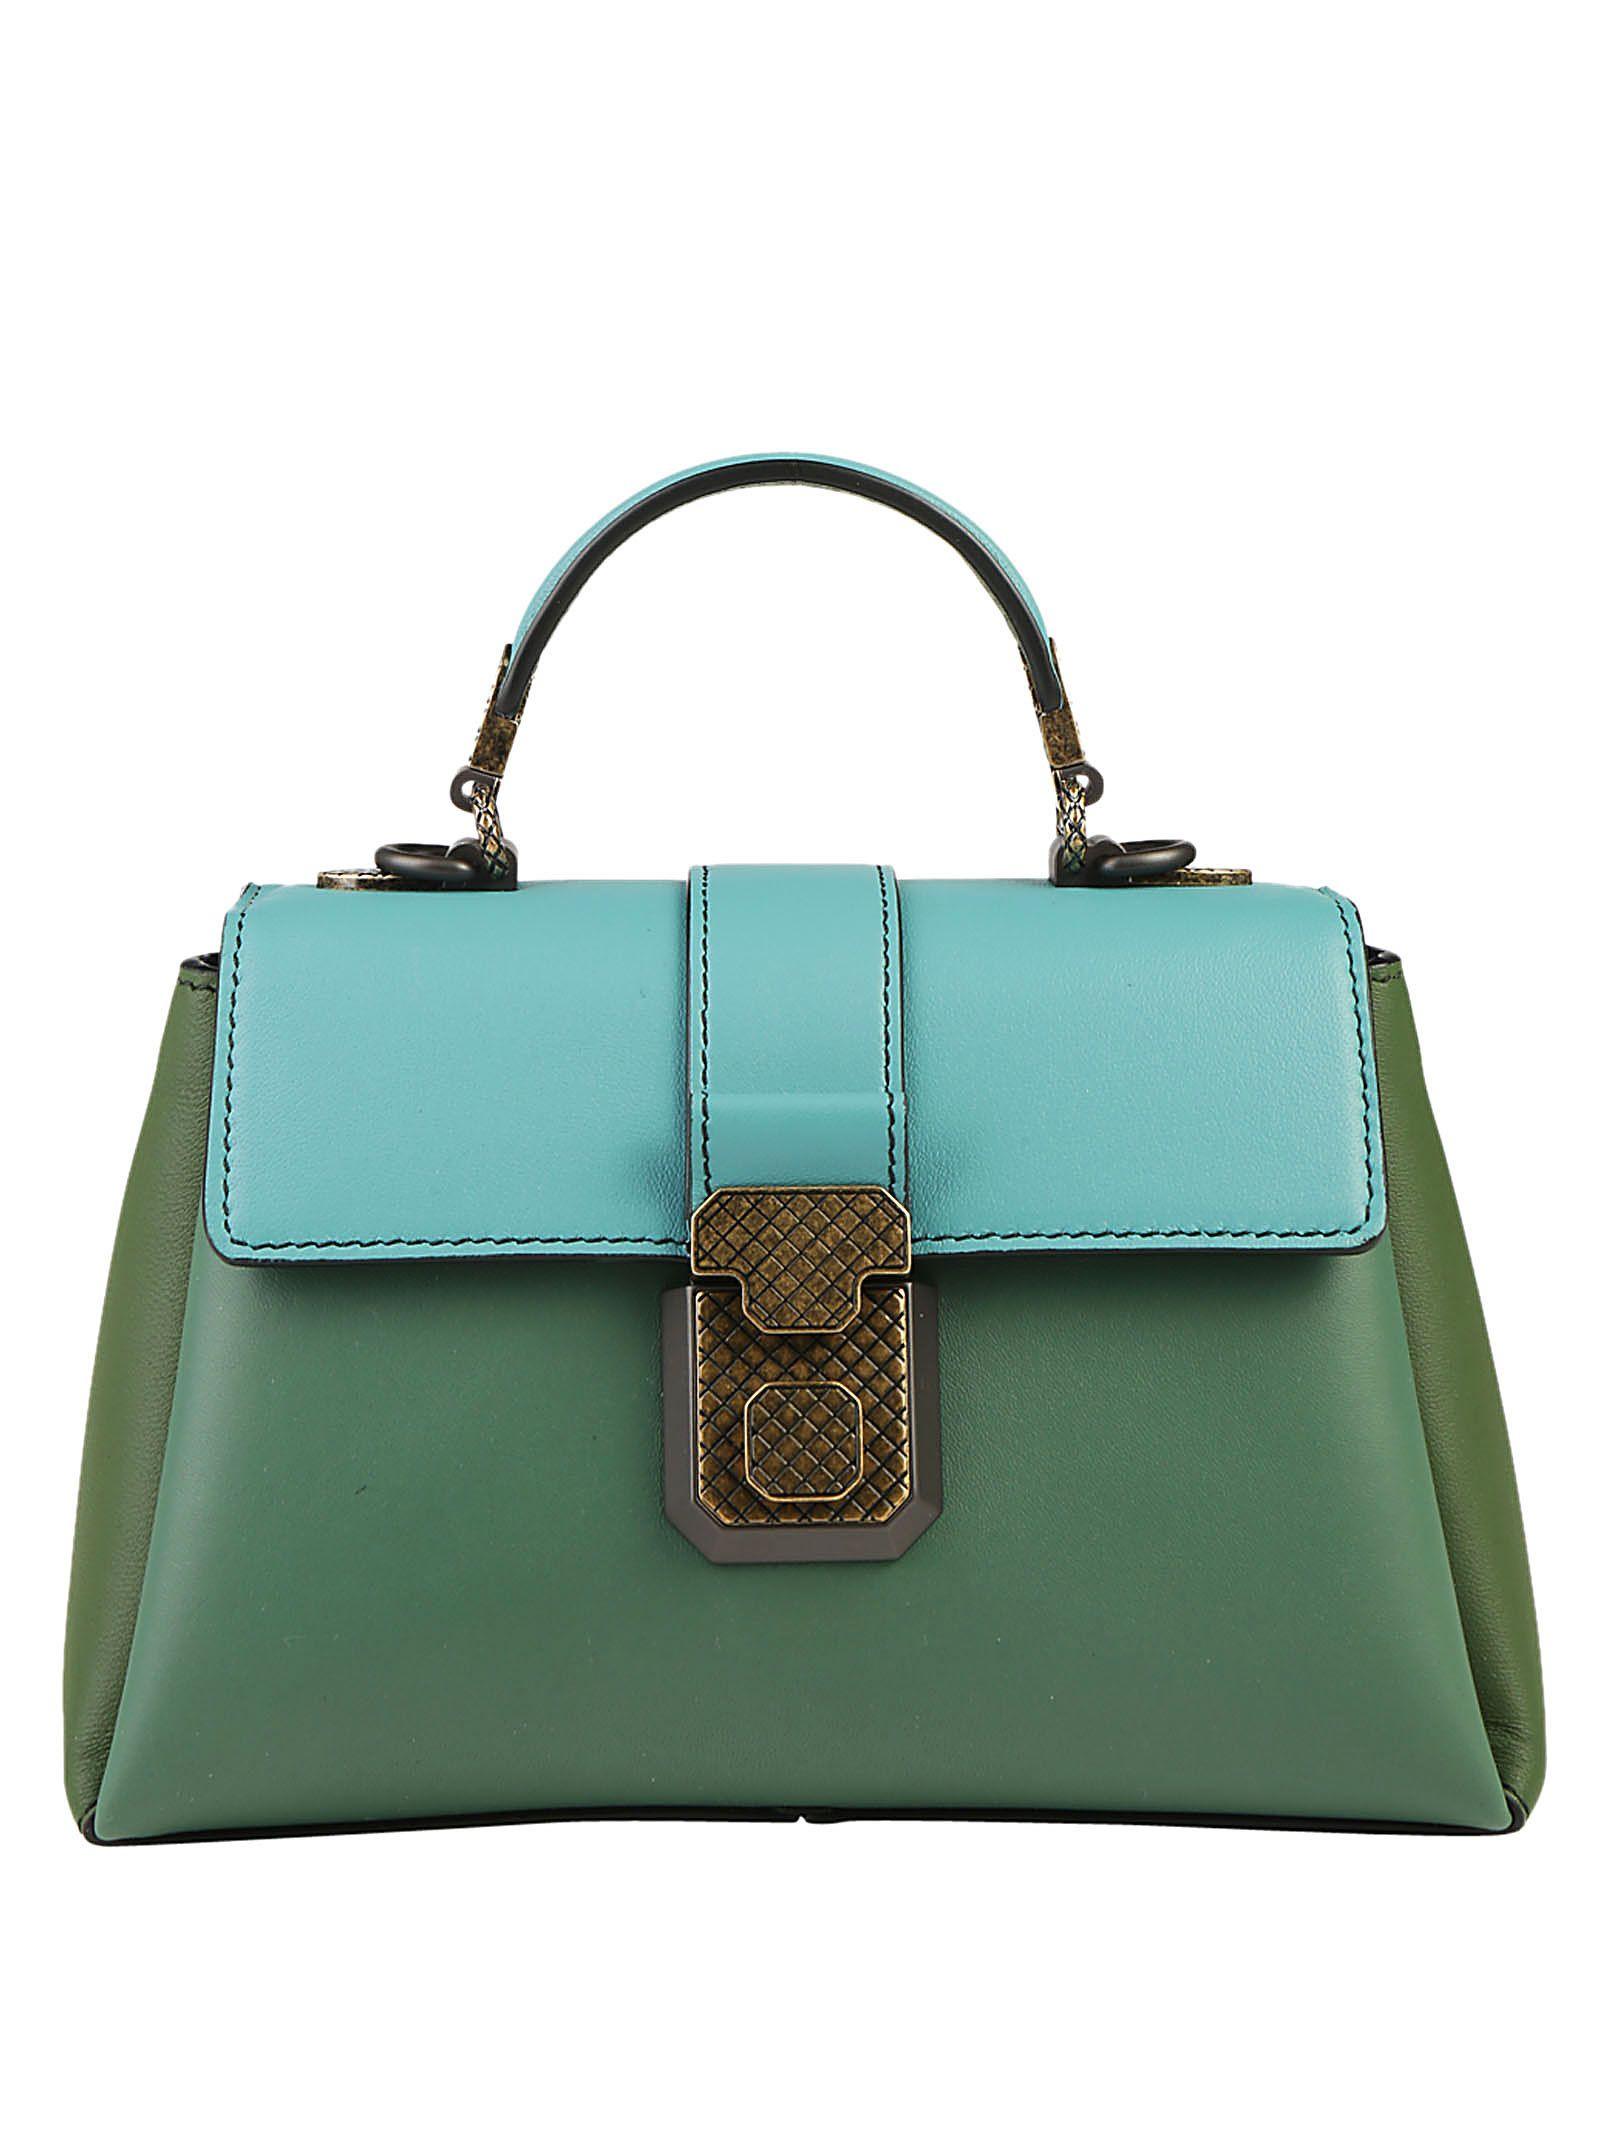 Bottega Veneta Mini Handbag